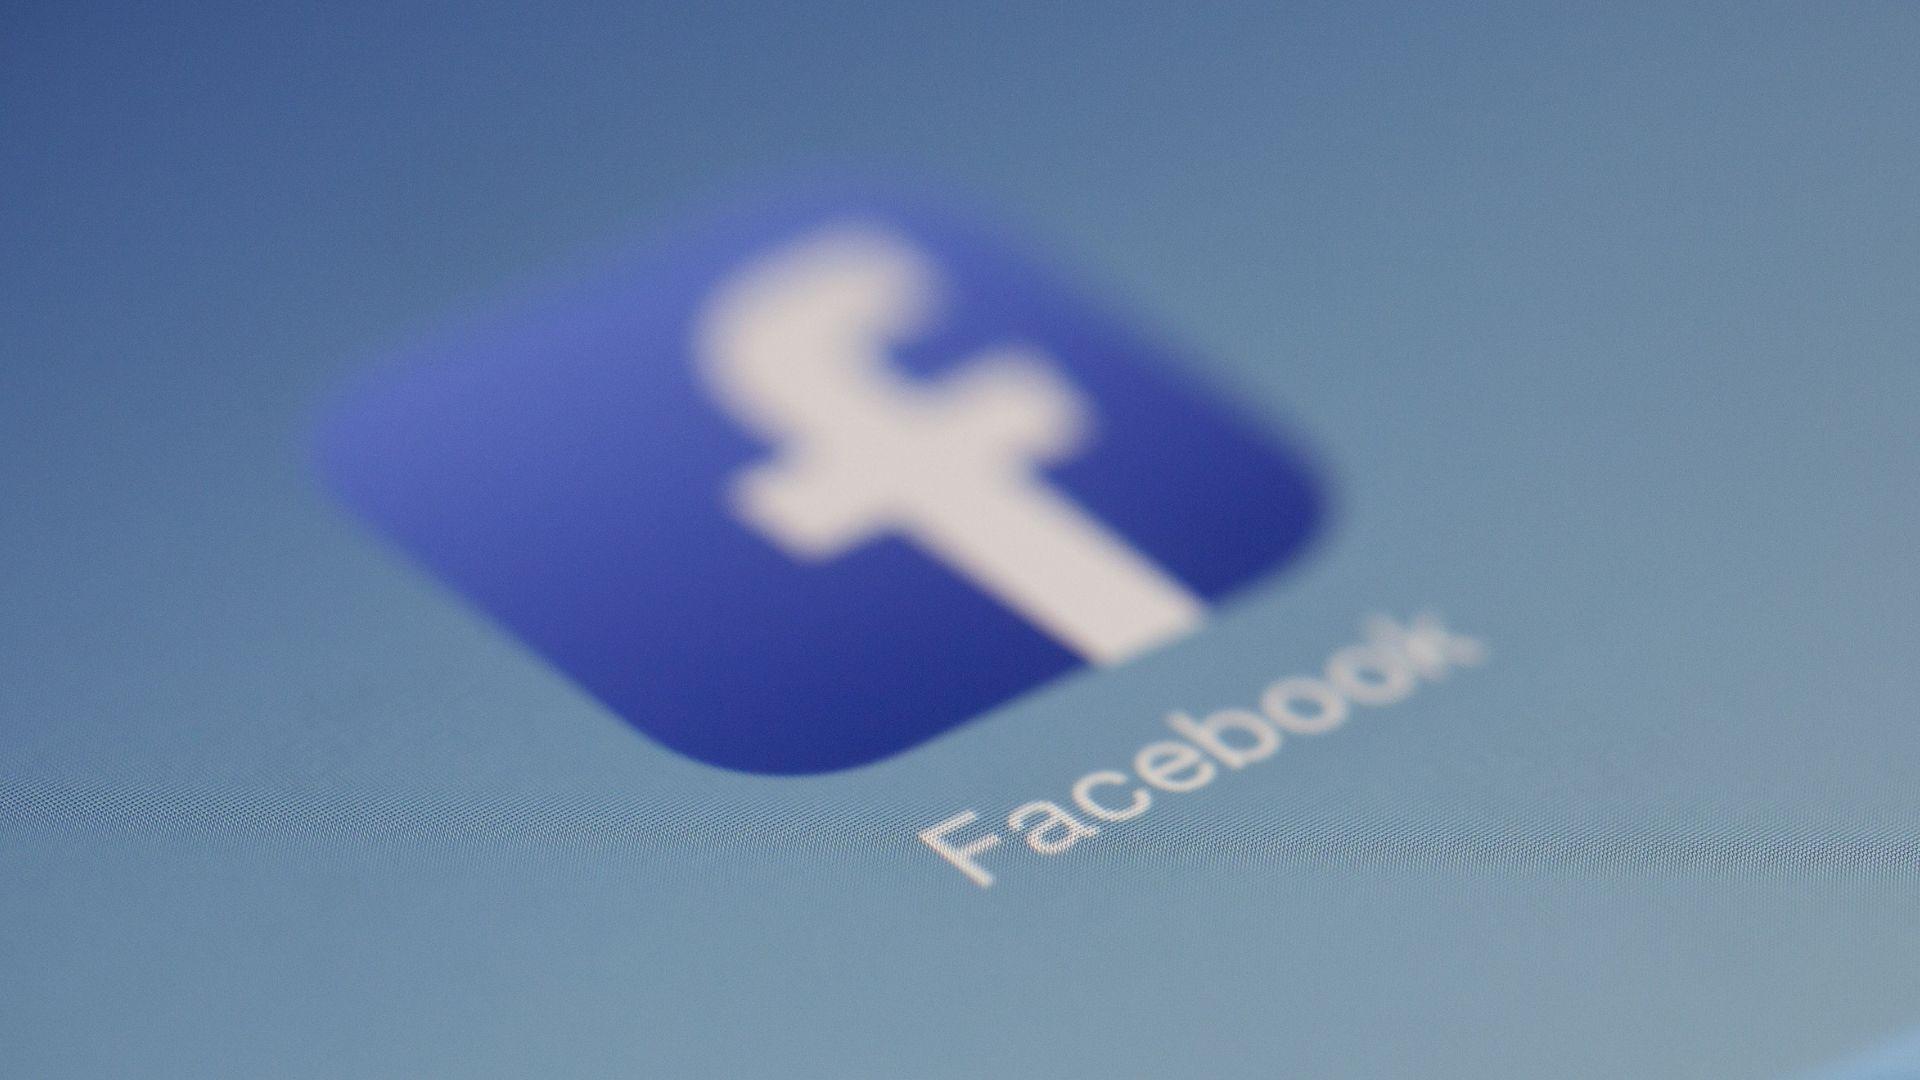 facebook mira a lanciare una criptovaluta incentrata sui pagamenti entro il 2020 - La cryptovaluta di Facebook che mira a distruggere il Bitcoin: ecco tuttI gli aggiornamenti